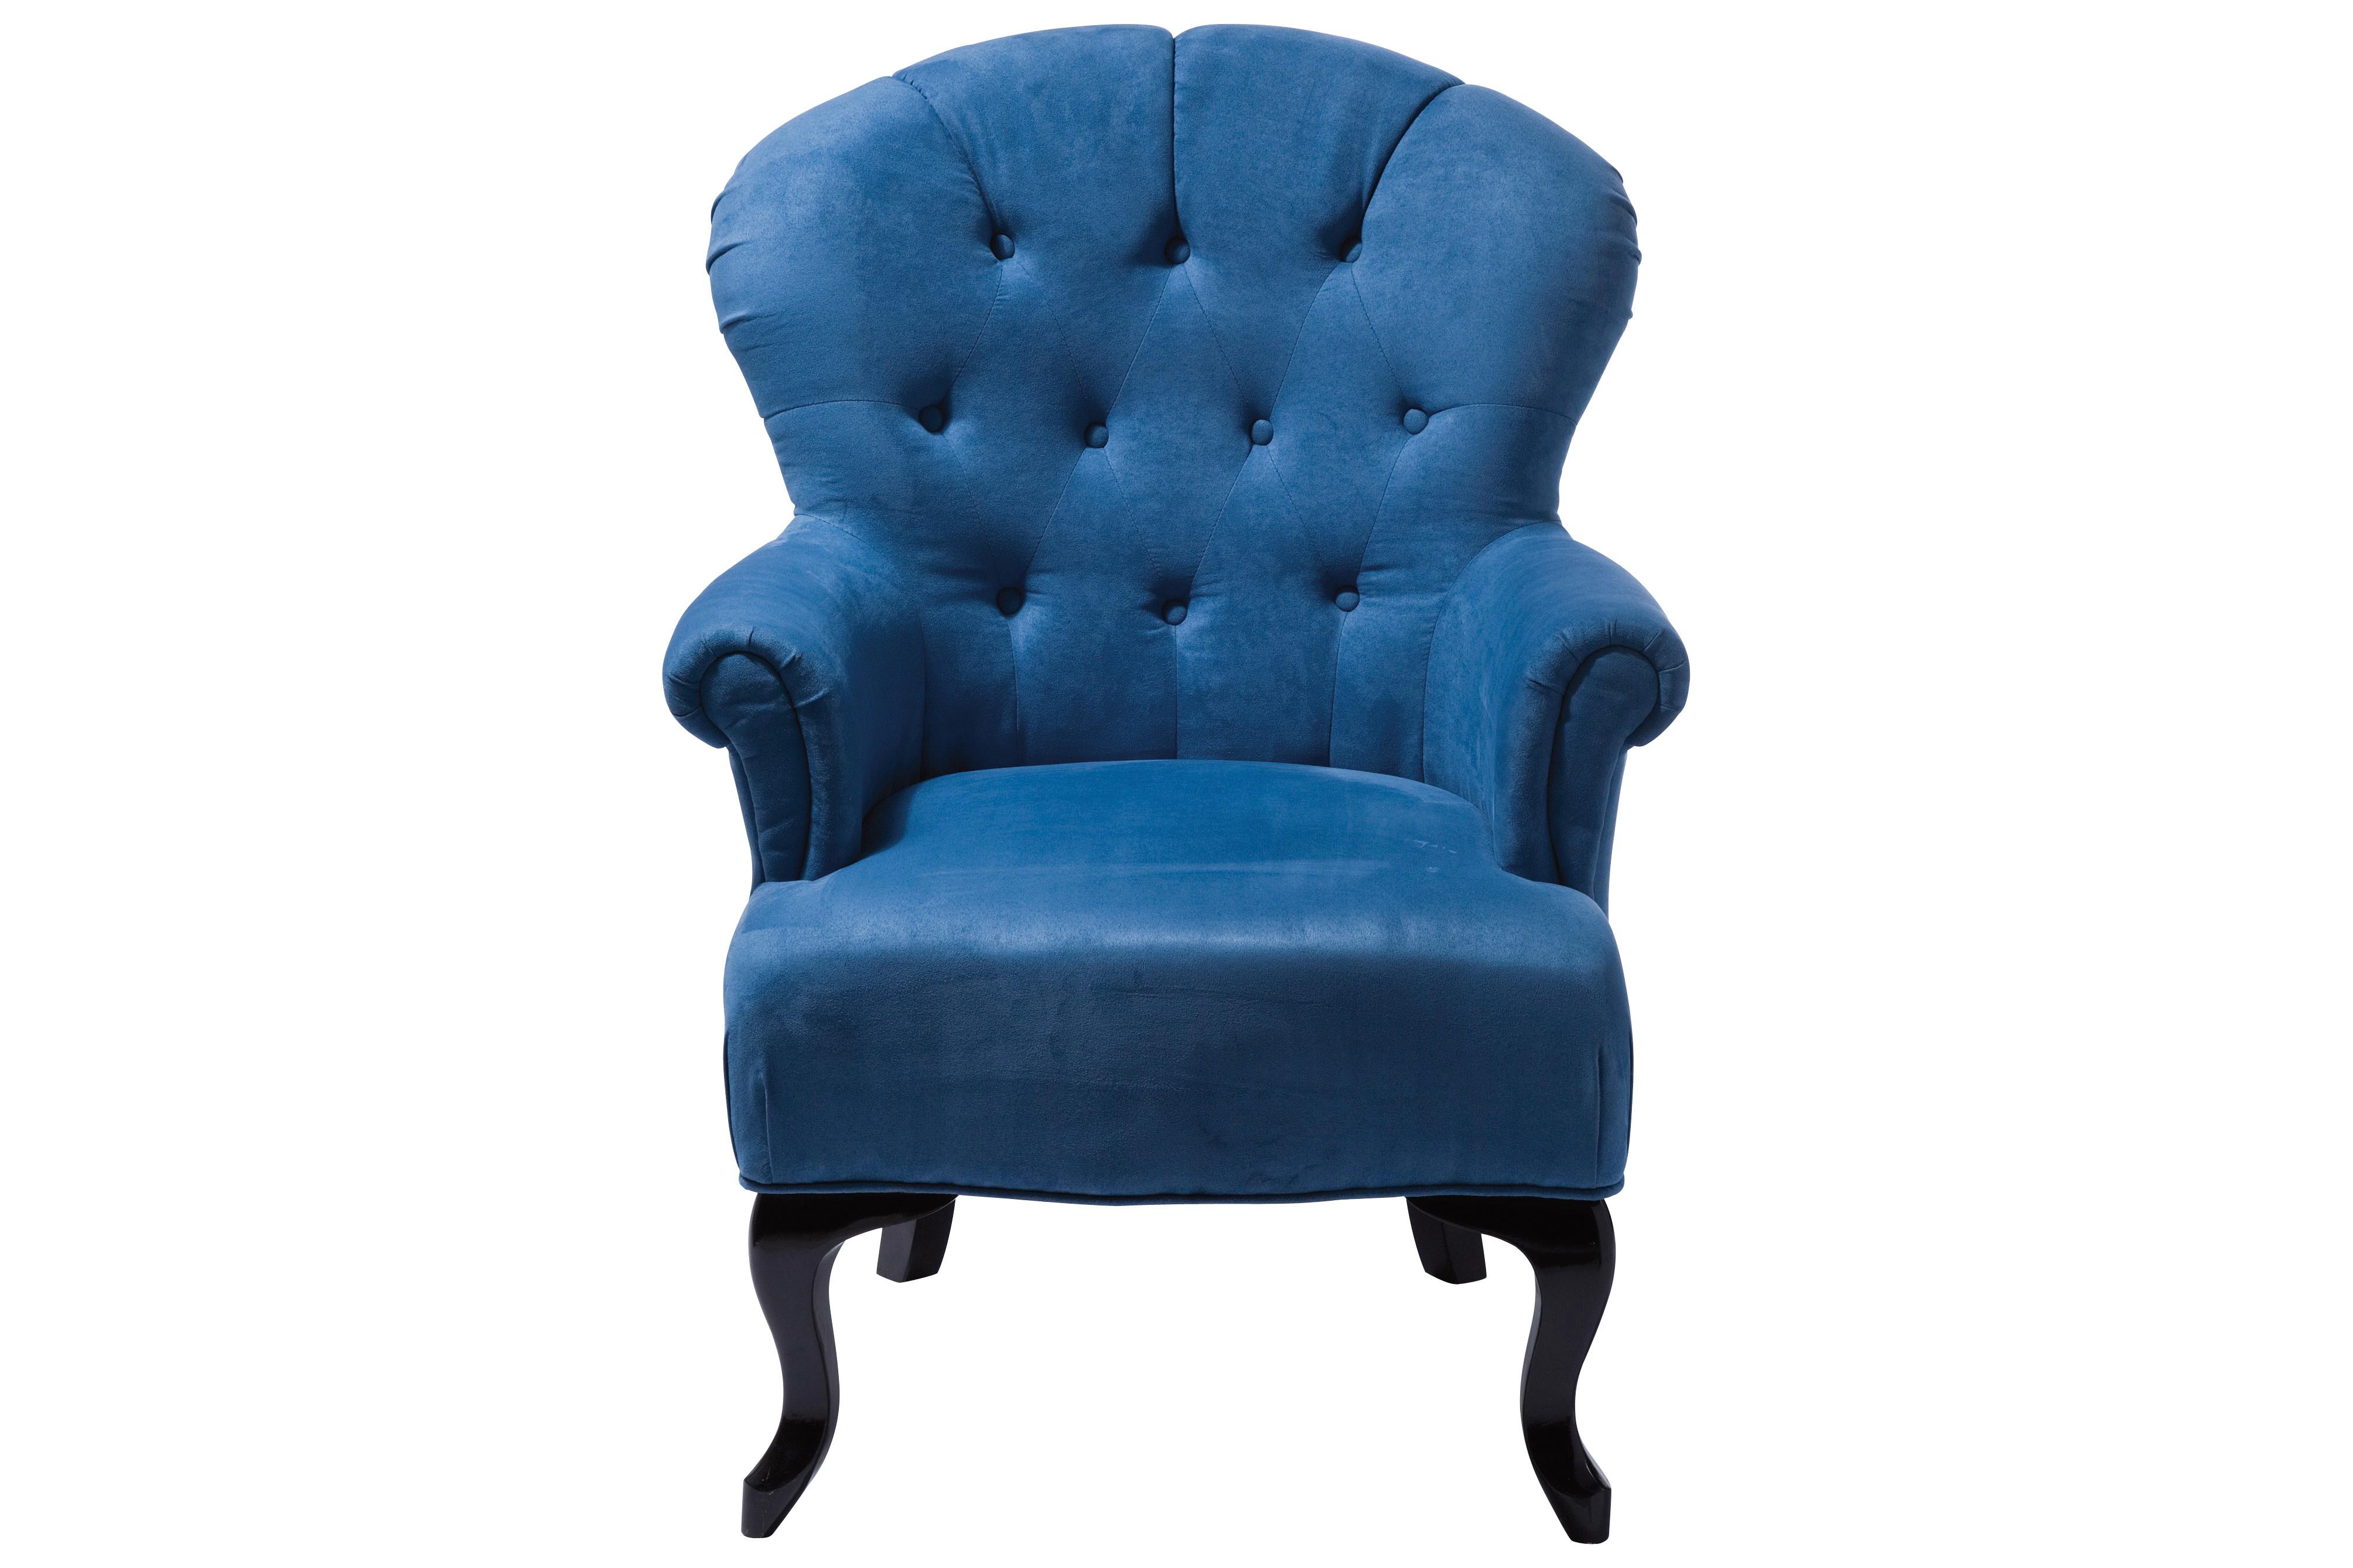 Sessel Cafehaus blau